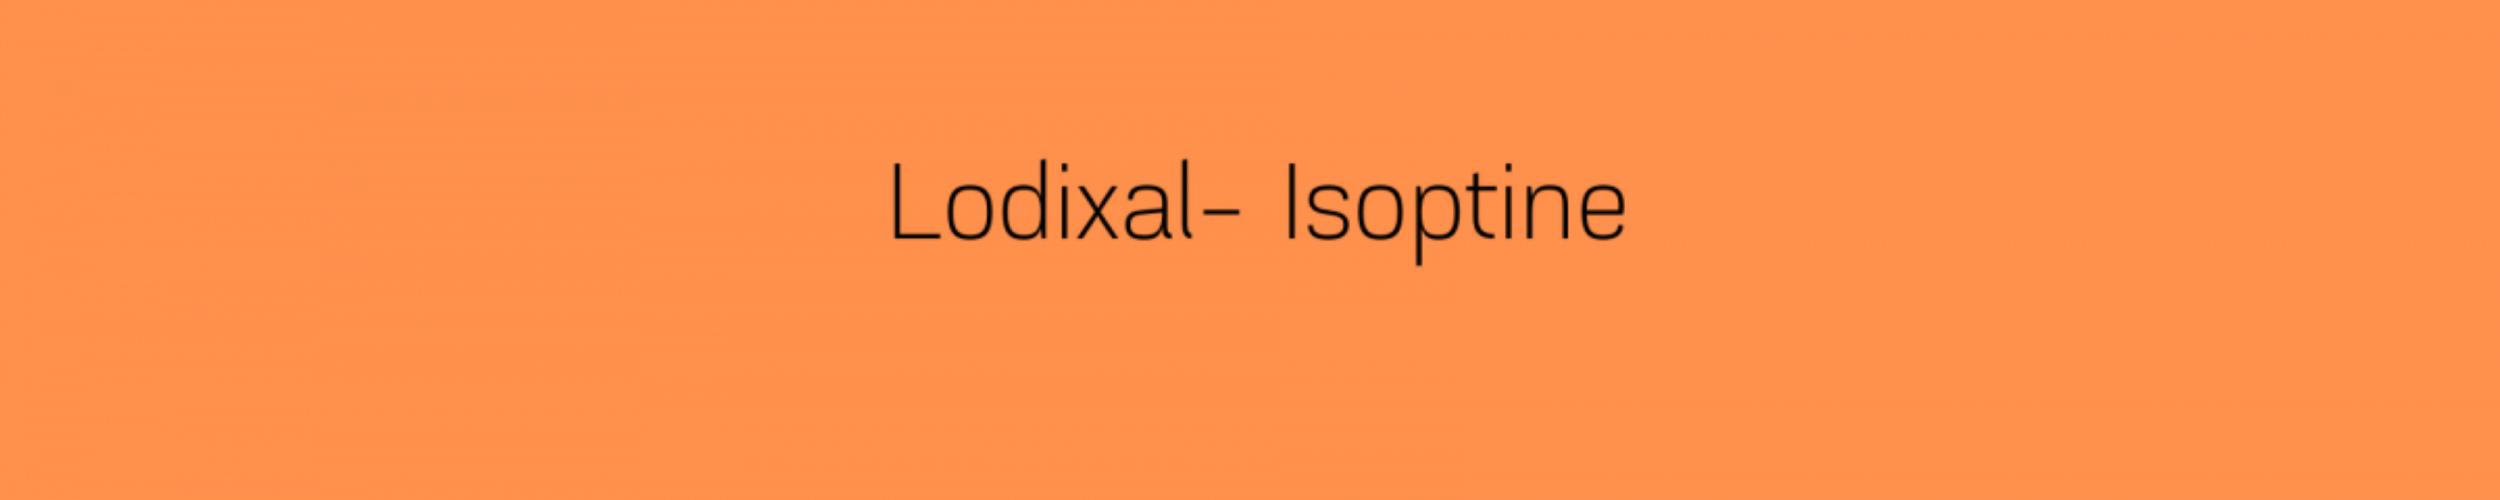 Update 15/06/2020 over Isoptine & lodixal